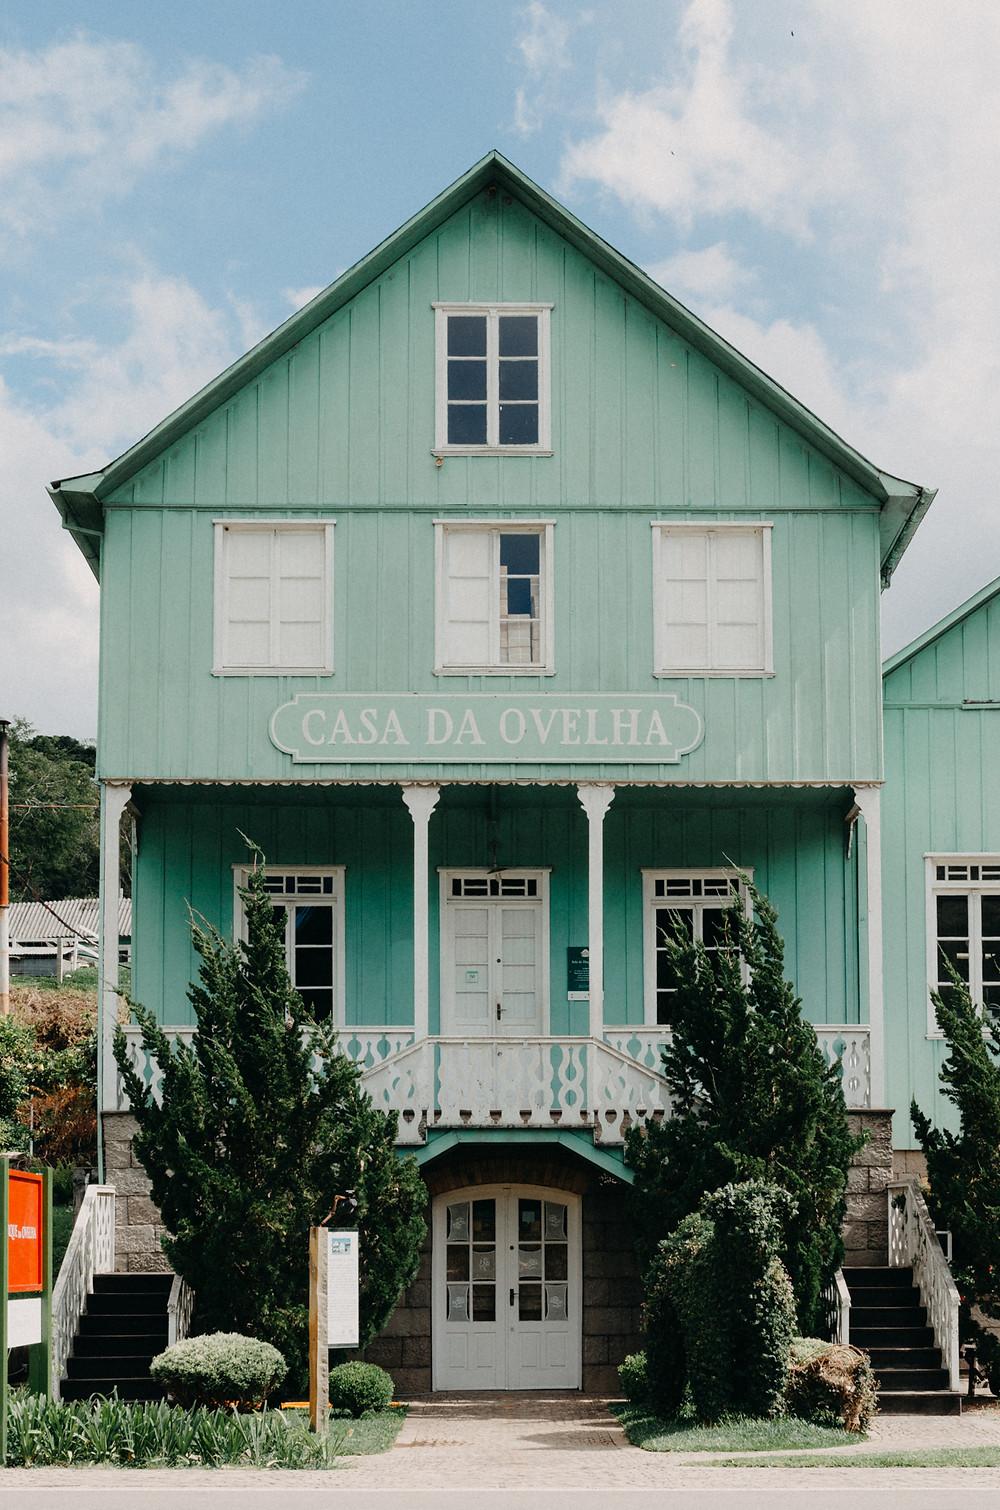 Casa da Ovelha -   Caminhos de Pedra, Bento Gonçalves - Brazil